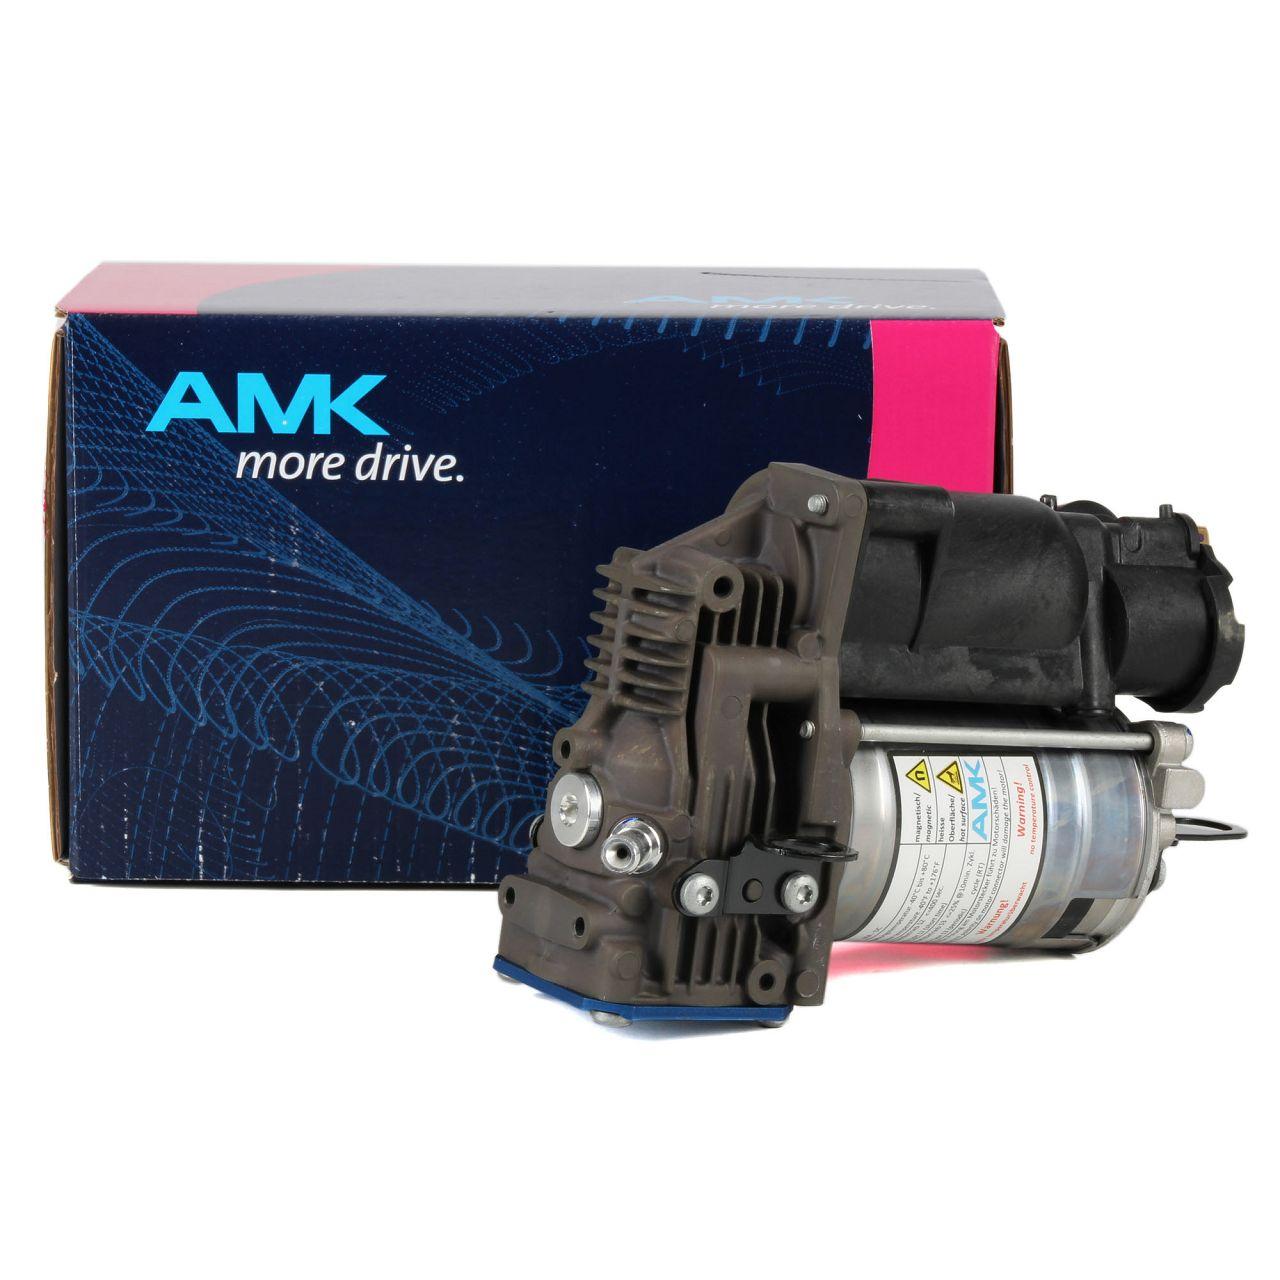 AMK A1899 Kompressor Luftfederung Niveauregulierung für MERCEDES W221 C216